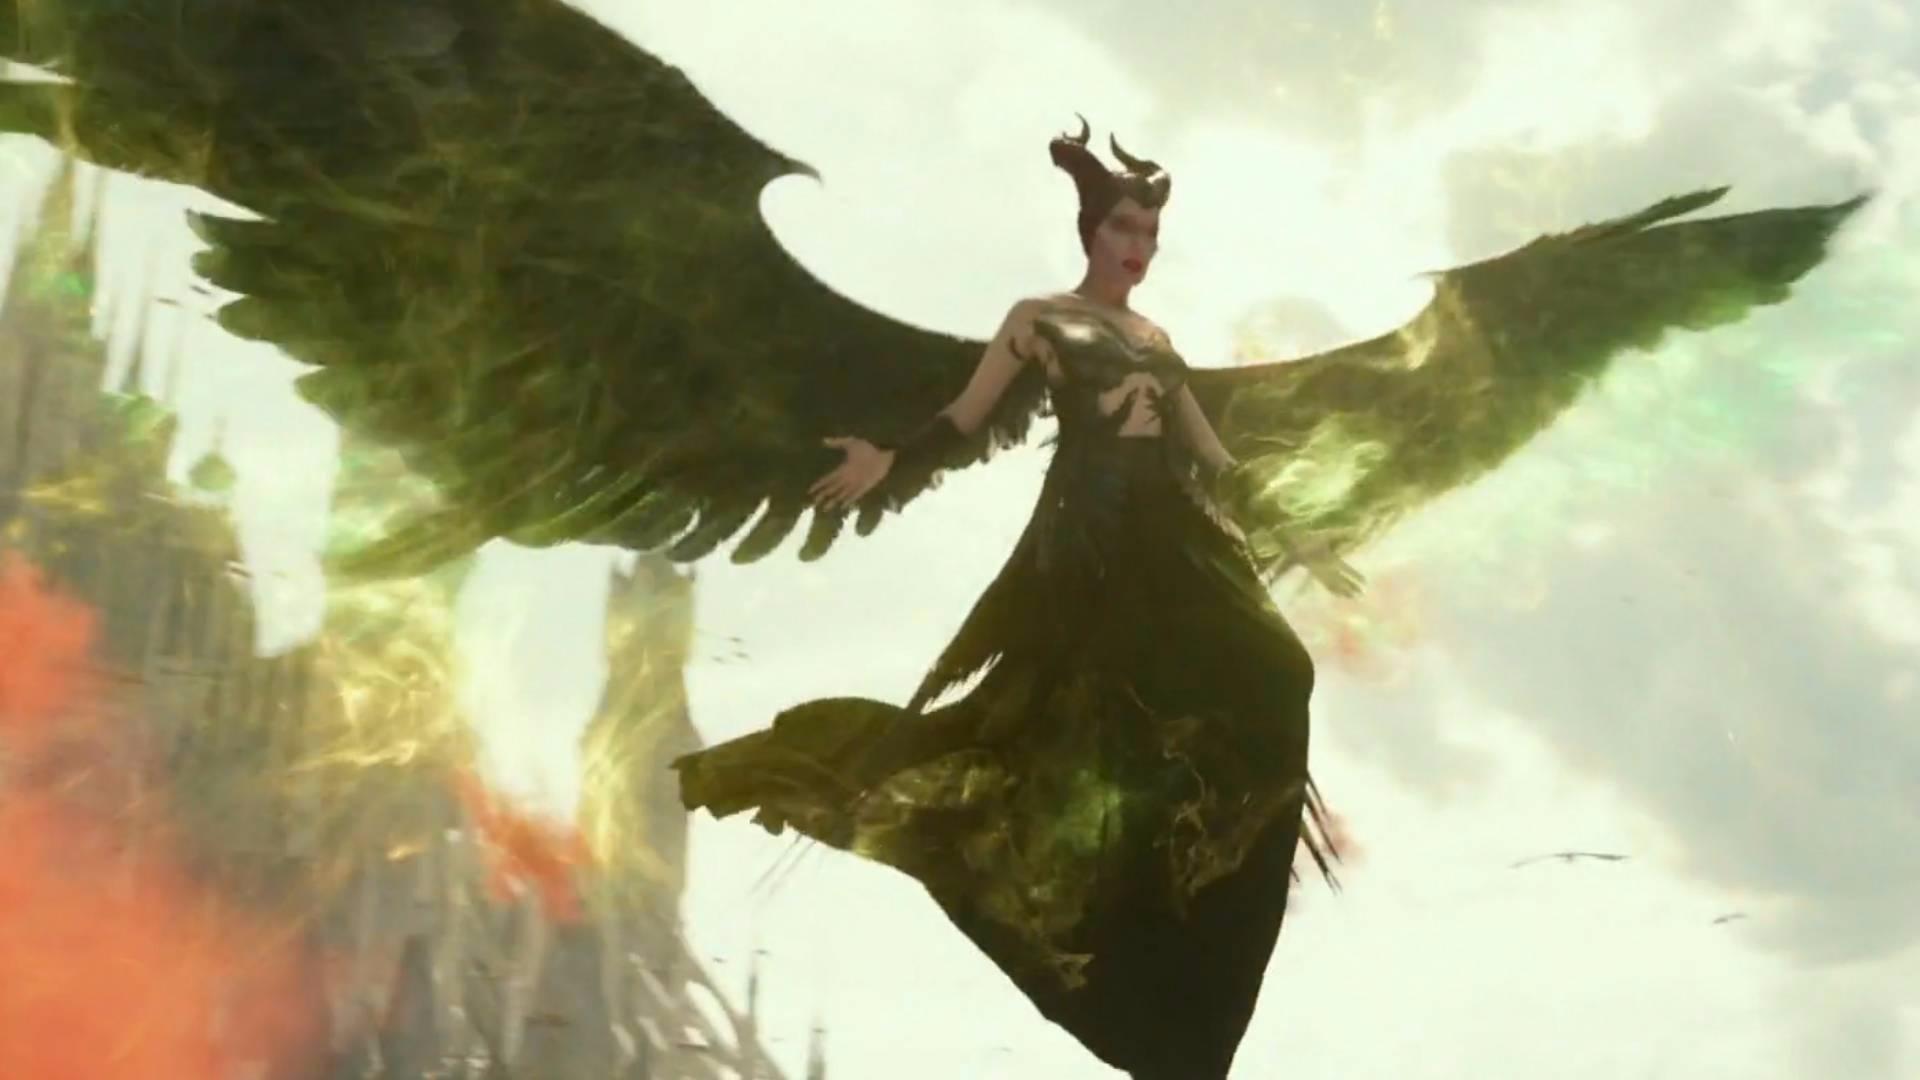 女孩拥有远古凤凰的血脉,死后变成一只黑凤凰,一部奇幻动作电影